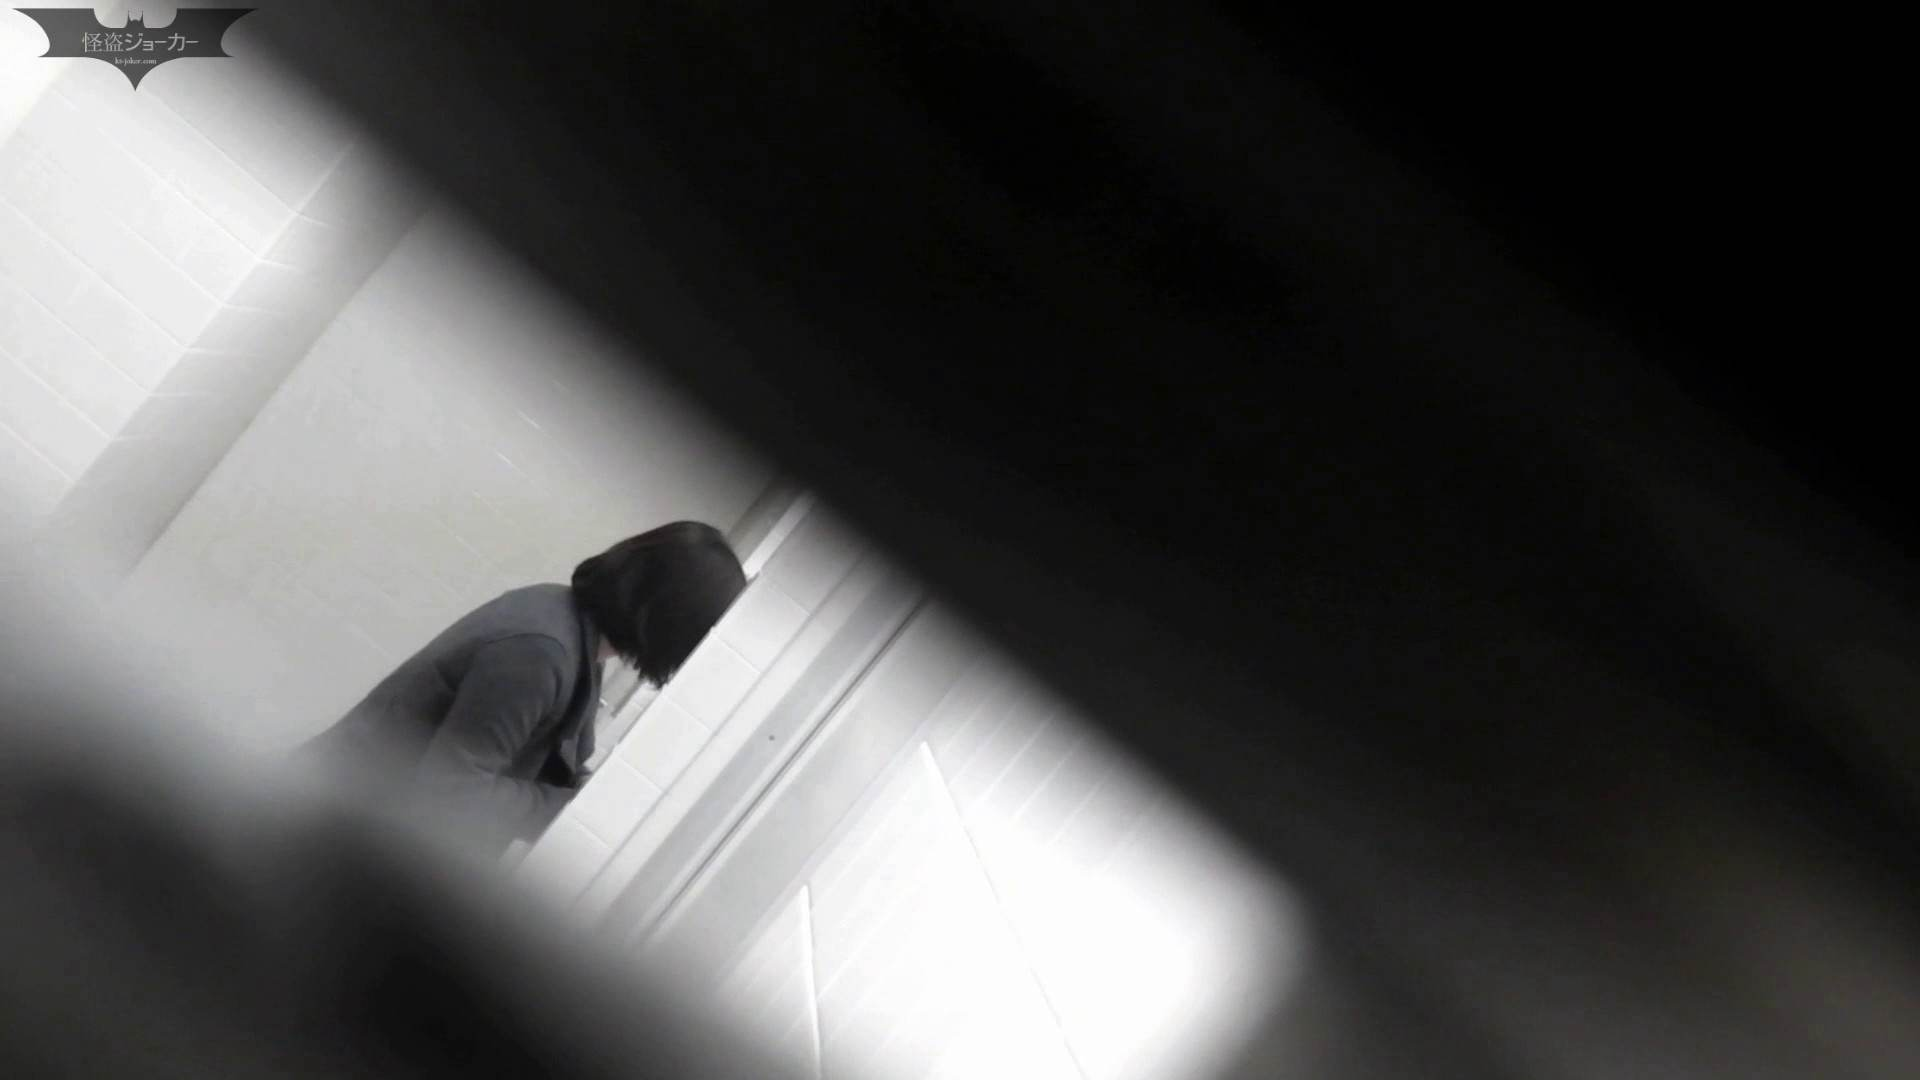 「洗面所突入レポート!!」vol.56まず並ぶ所から!決して真似しないでください 洗面所シーン オマンコ動画キャプチャ 83画像 54